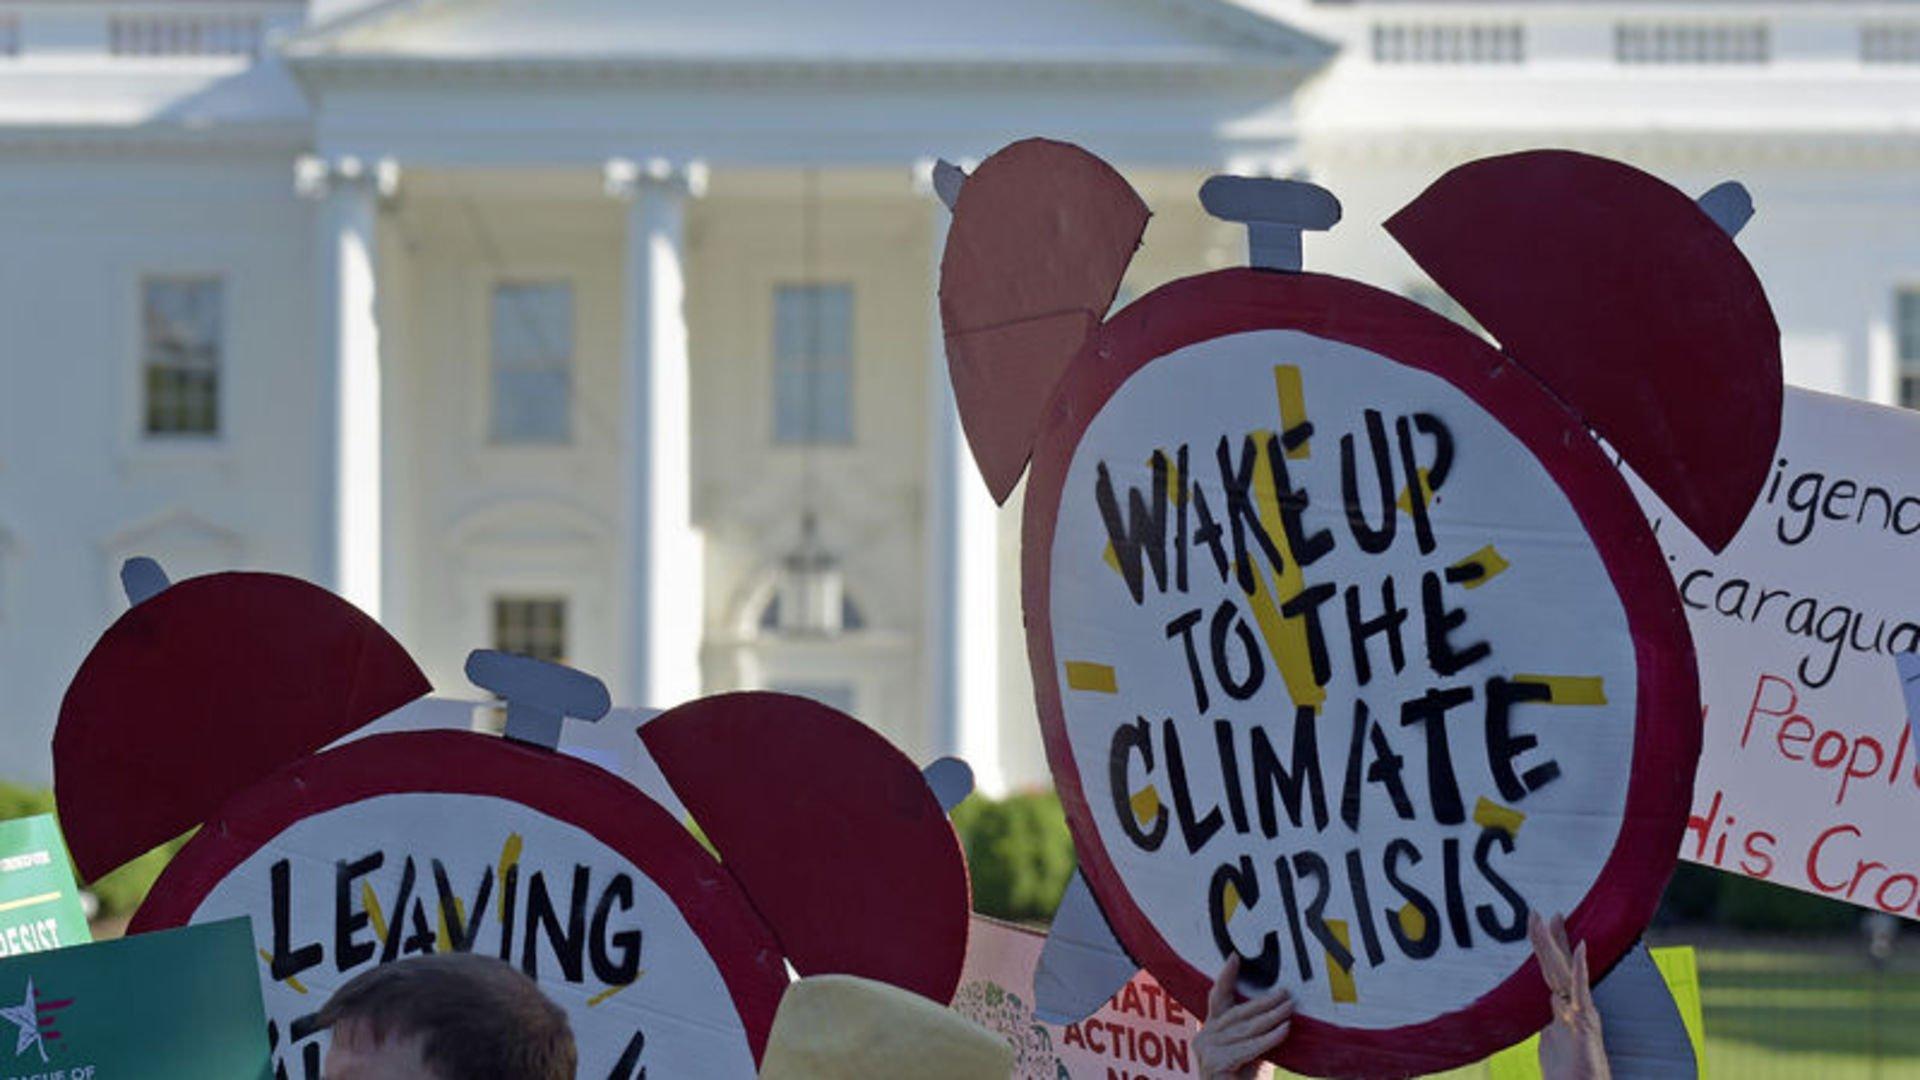 Paris İklim Anlaşması nedir? 5 soruda Paris İklim Anlaşması hakkında bilinmesi gerekenler